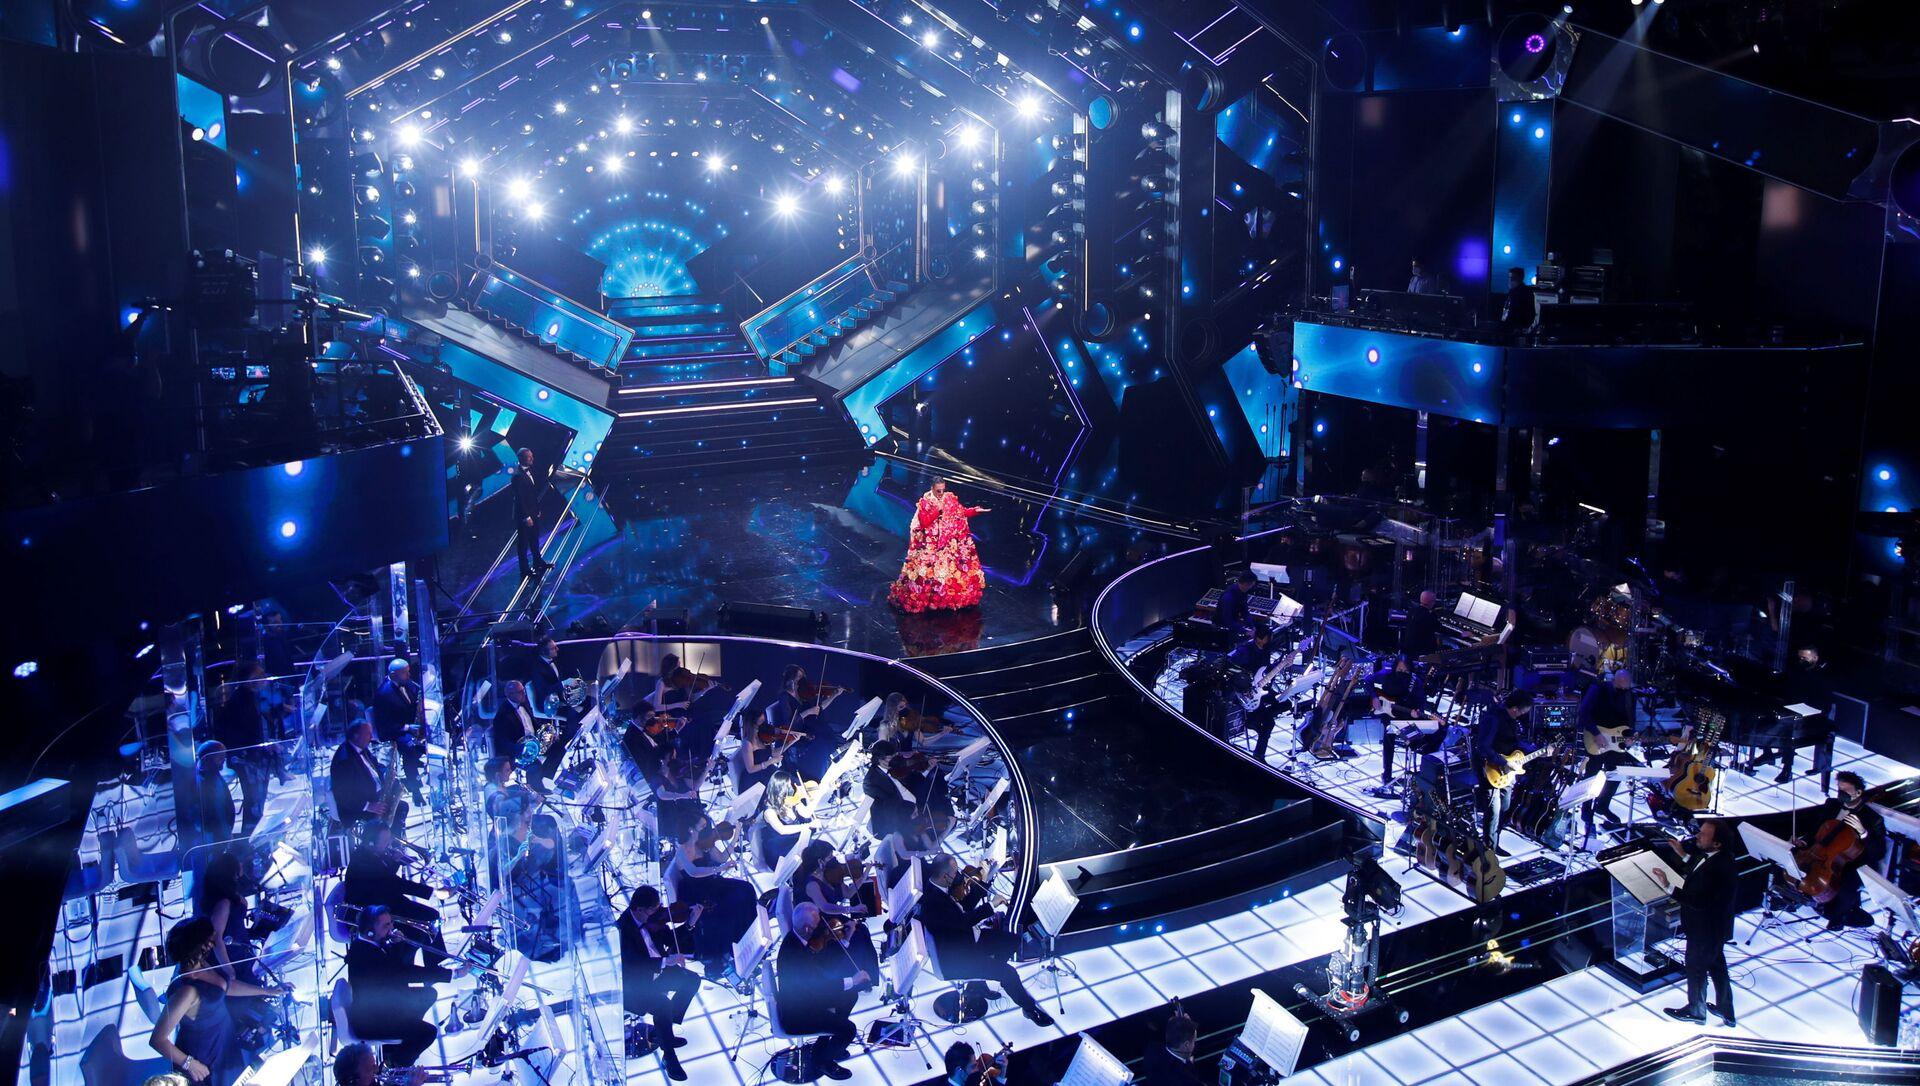 Rosario Fiorello si esibisce durante il 71° Festival di Sanremo in diretta dal Teatro Ariston, il 2 marzo 2021 - Sputnik Italia, 1920, 03.03.2021